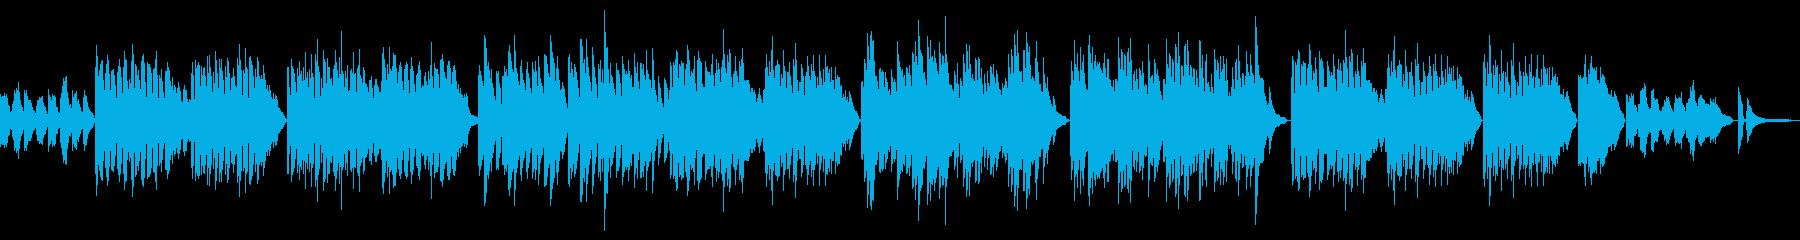 ピアノで癒やす優しく明るいユーモレスク の再生済みの波形